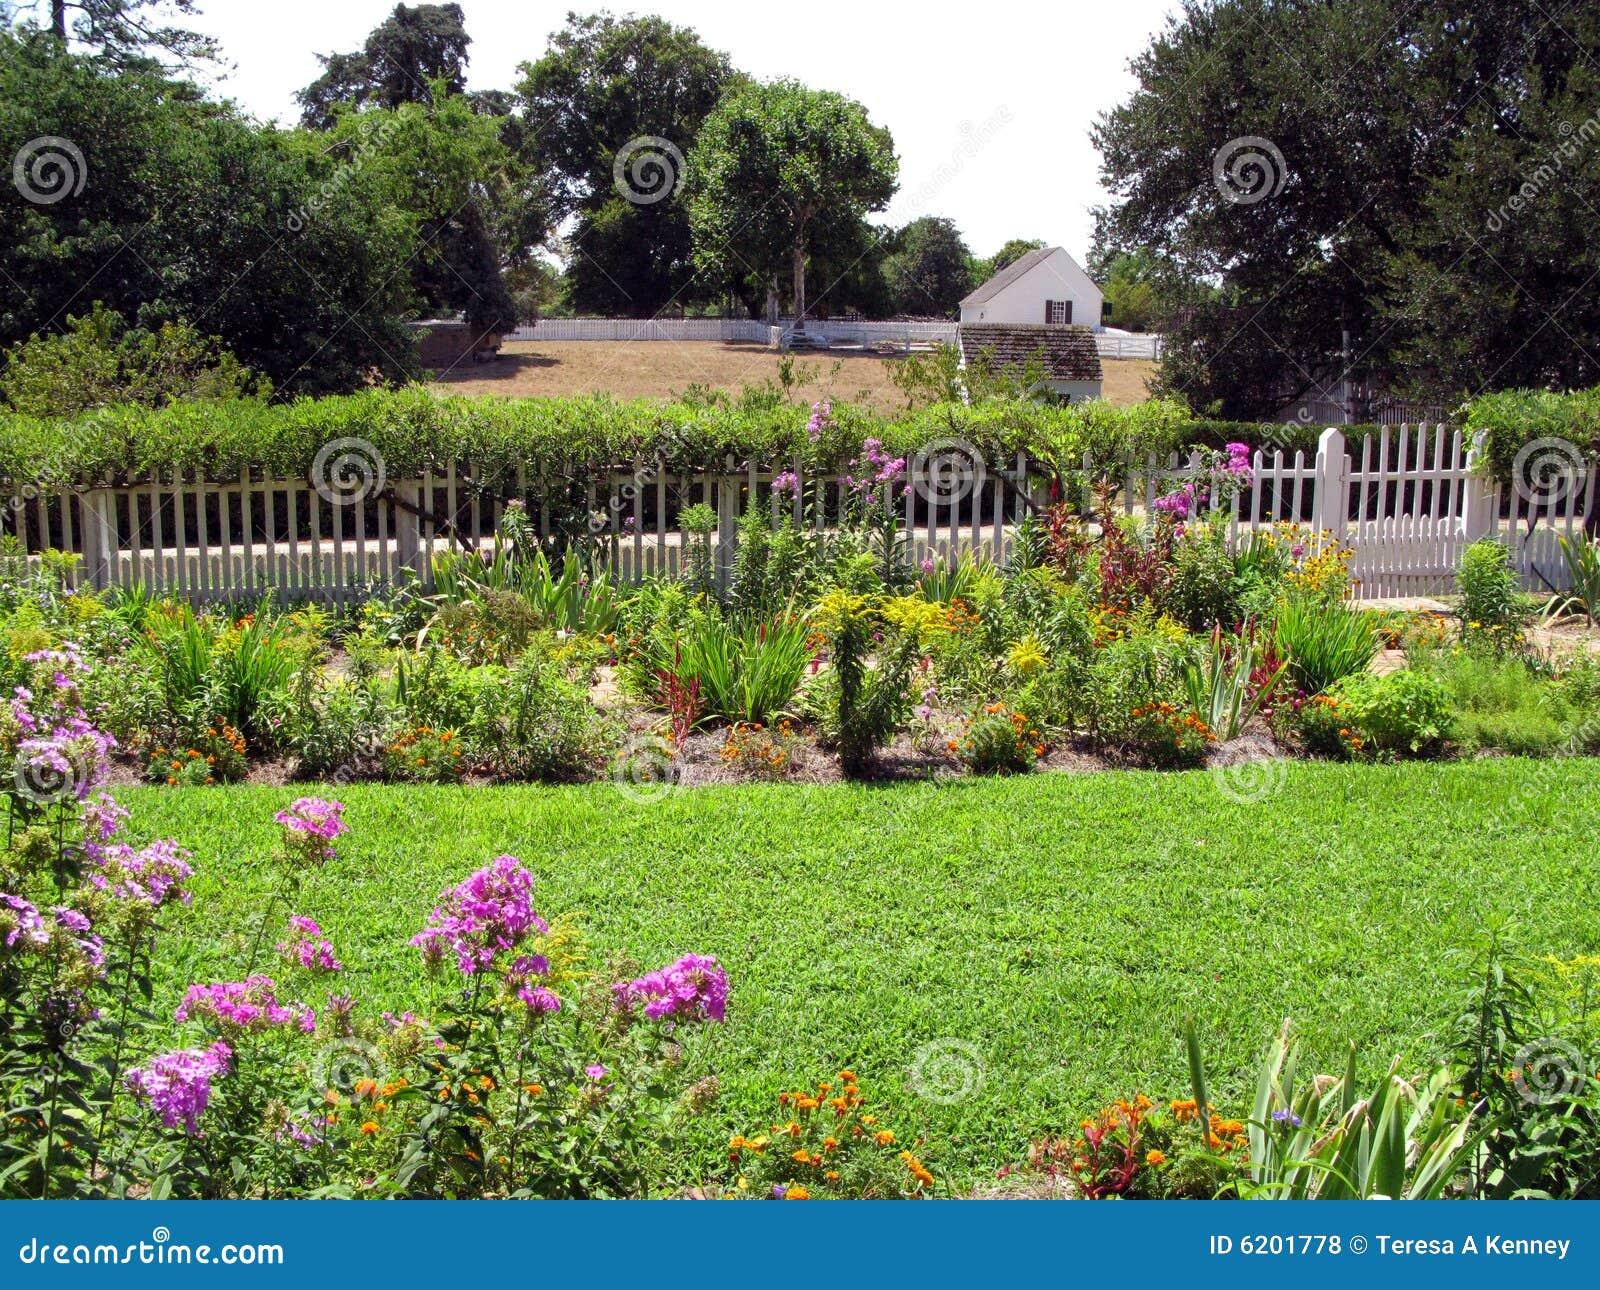 imagens jardins lindos : imagens jardins lindos:Fotos de Stock Royalty Free: Jardins bonitos